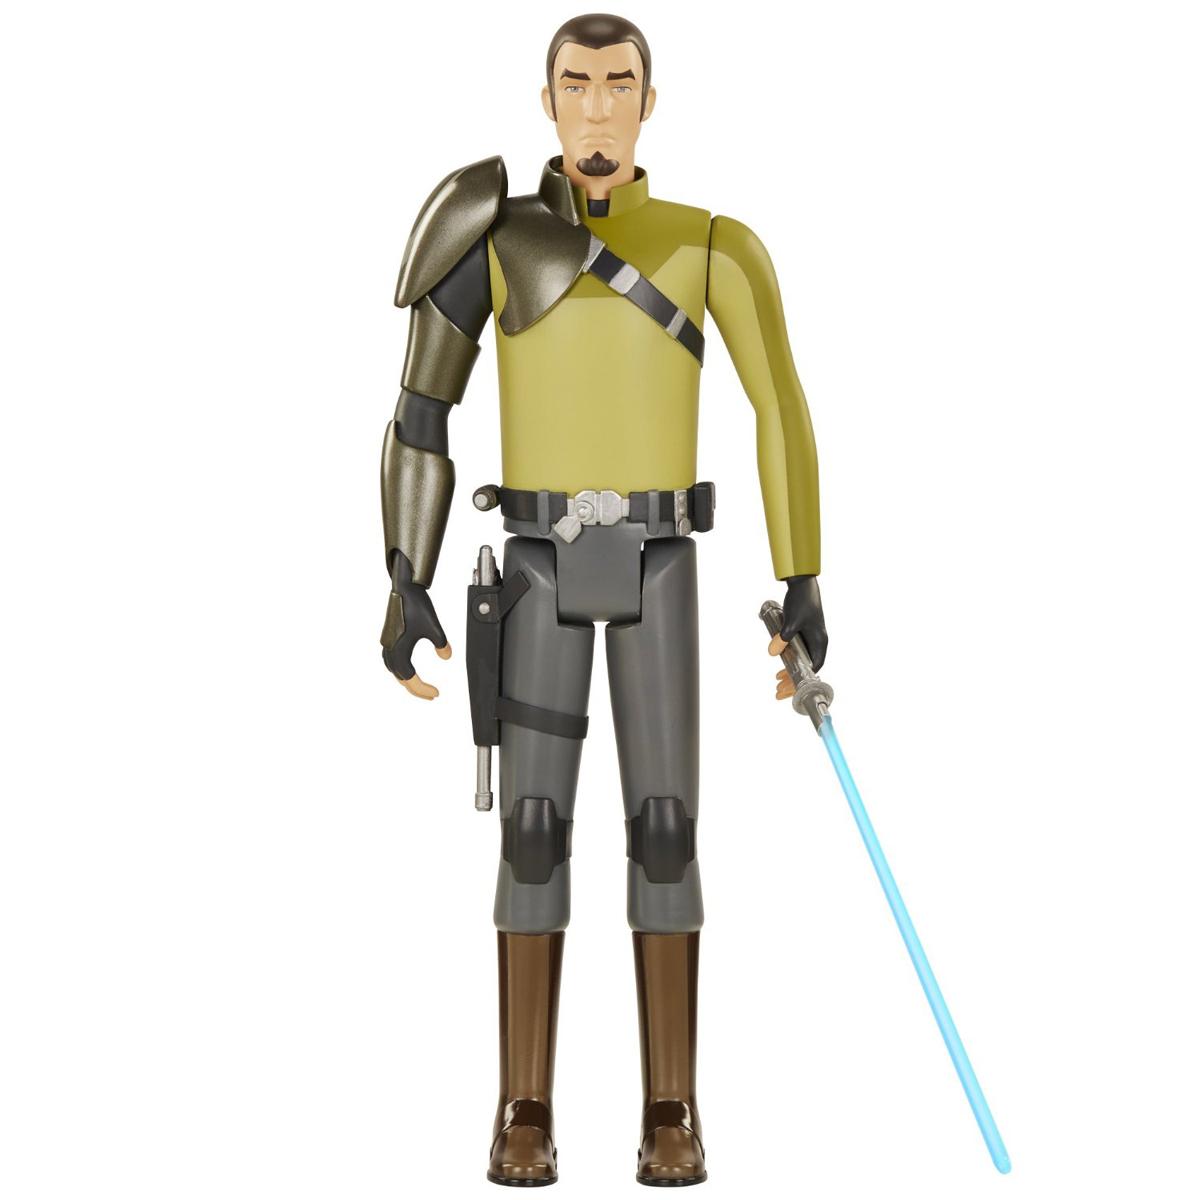 Большая фигурка Кэнан Воины Повстанцев  Звёздные воины - Игрушки Star Wars (Звездные воины), артикул: 112694